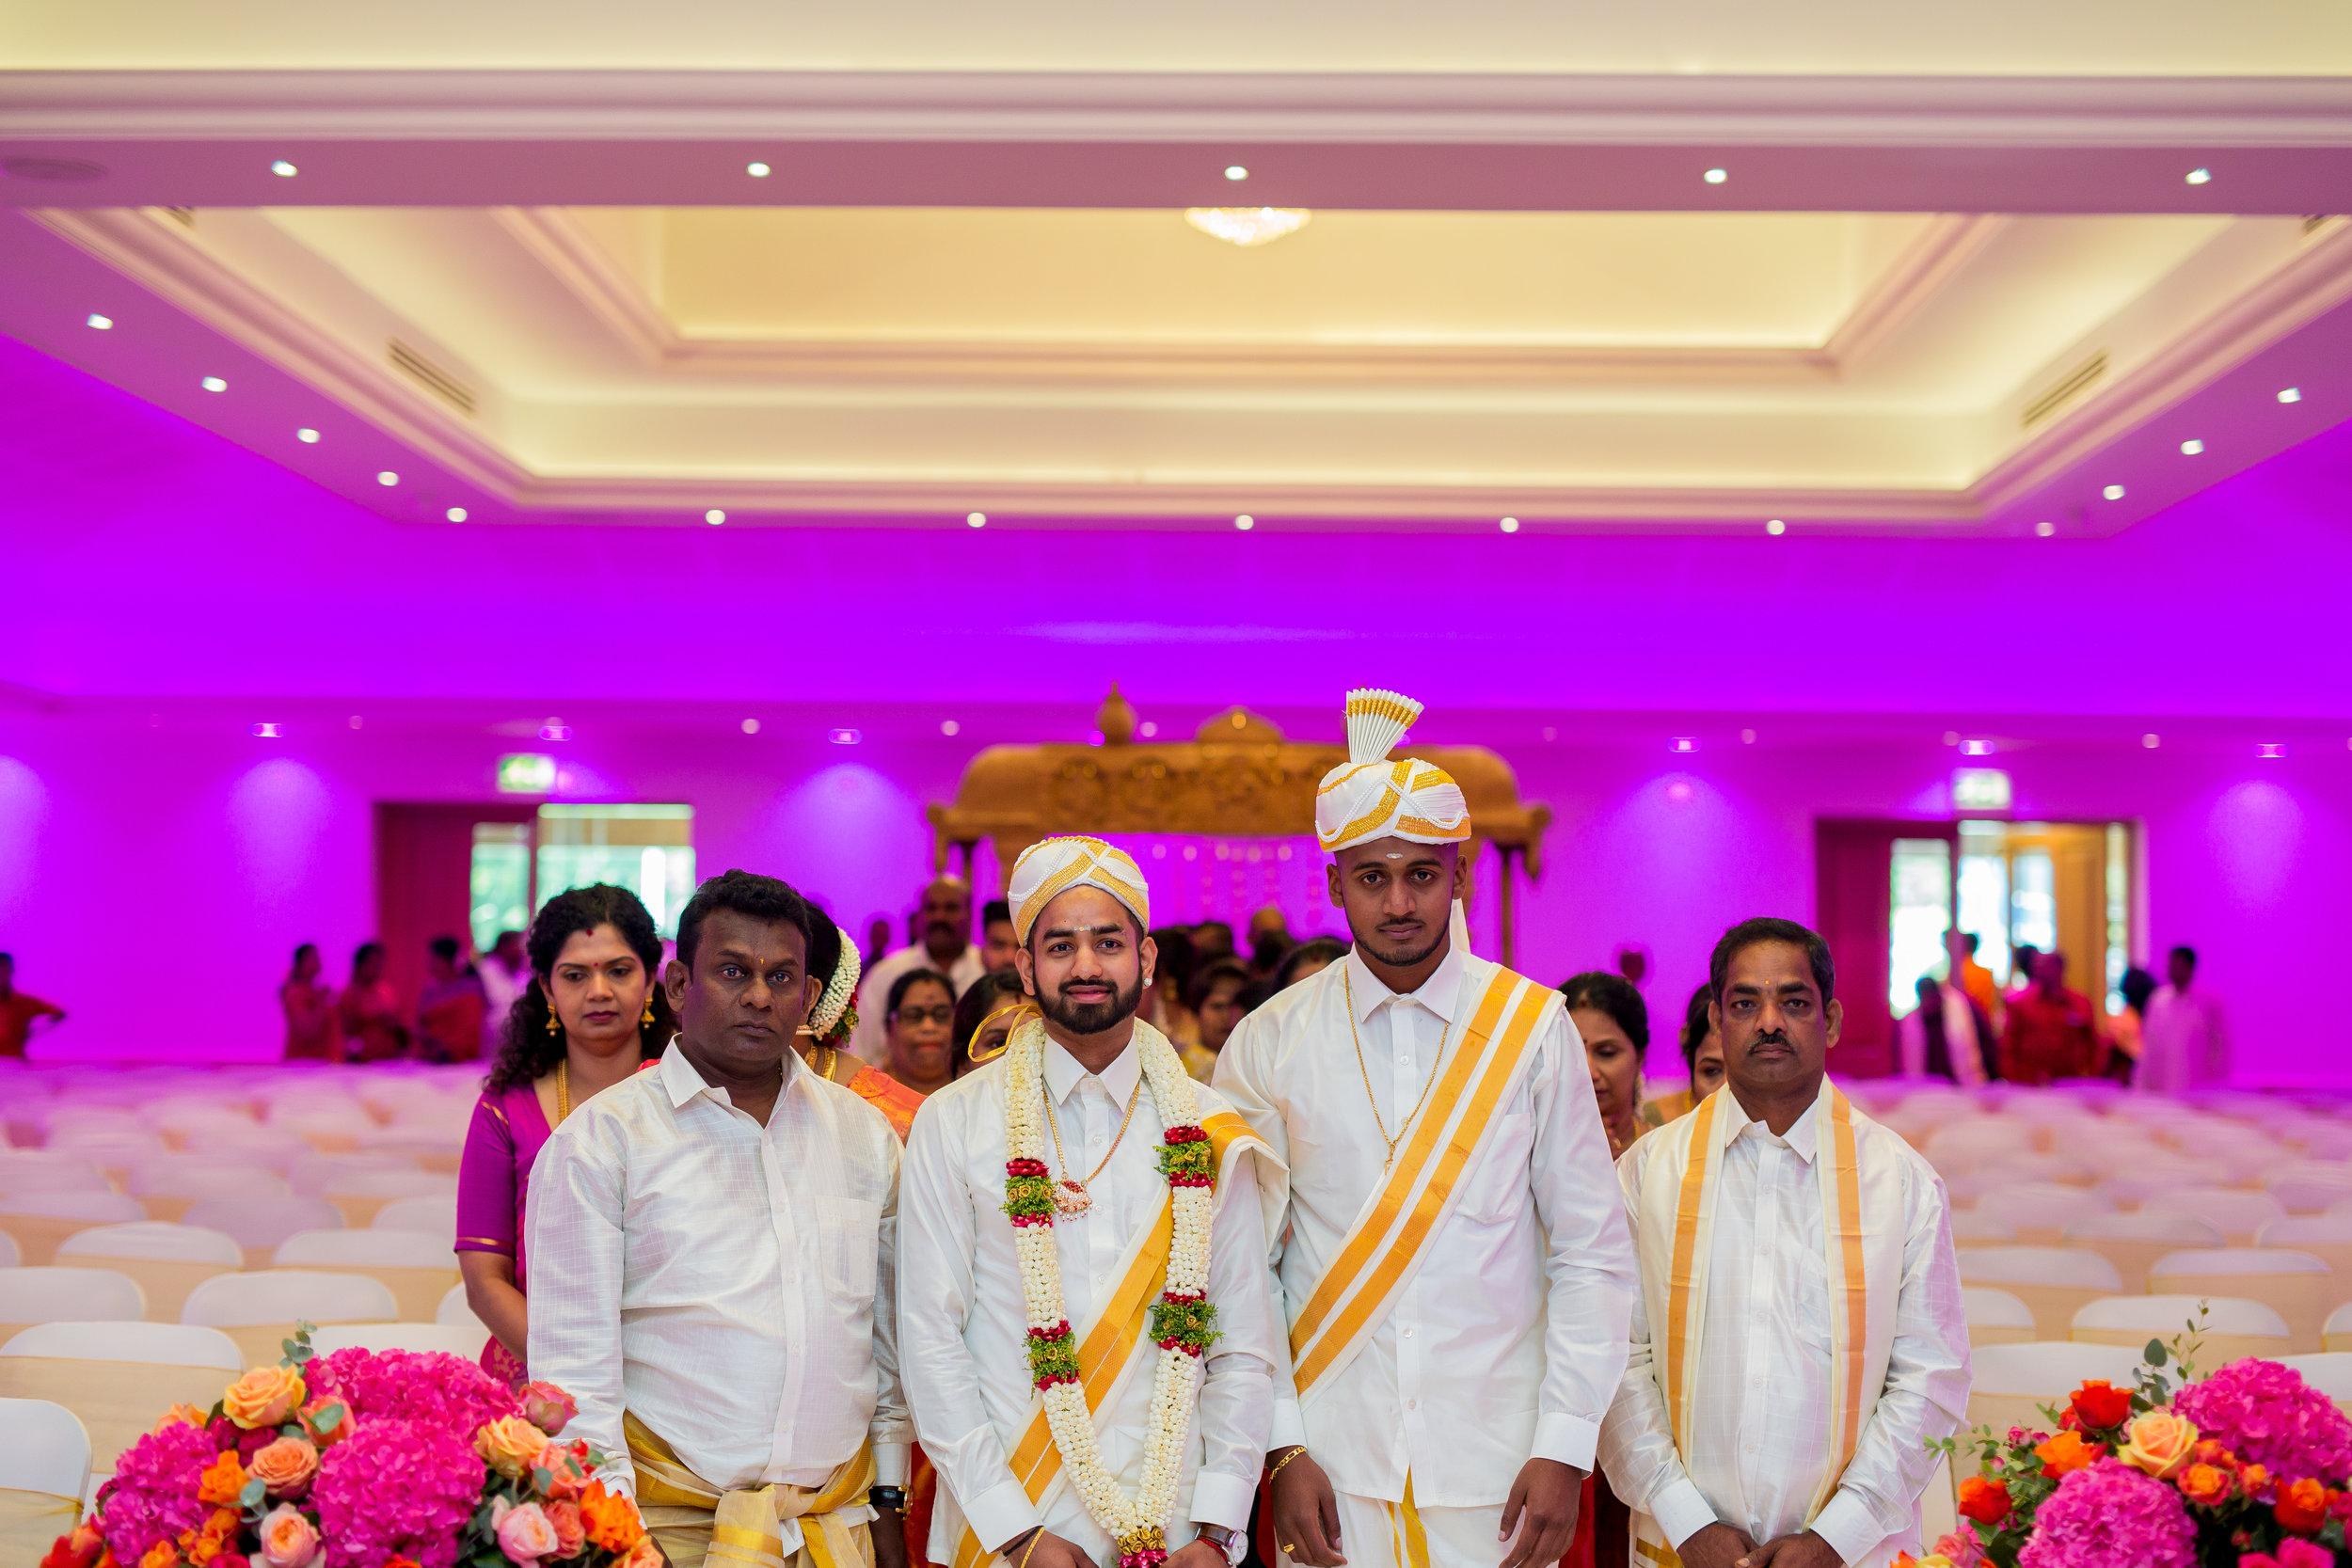 Haynisna & Divan Hindu Wedding-366.jpg